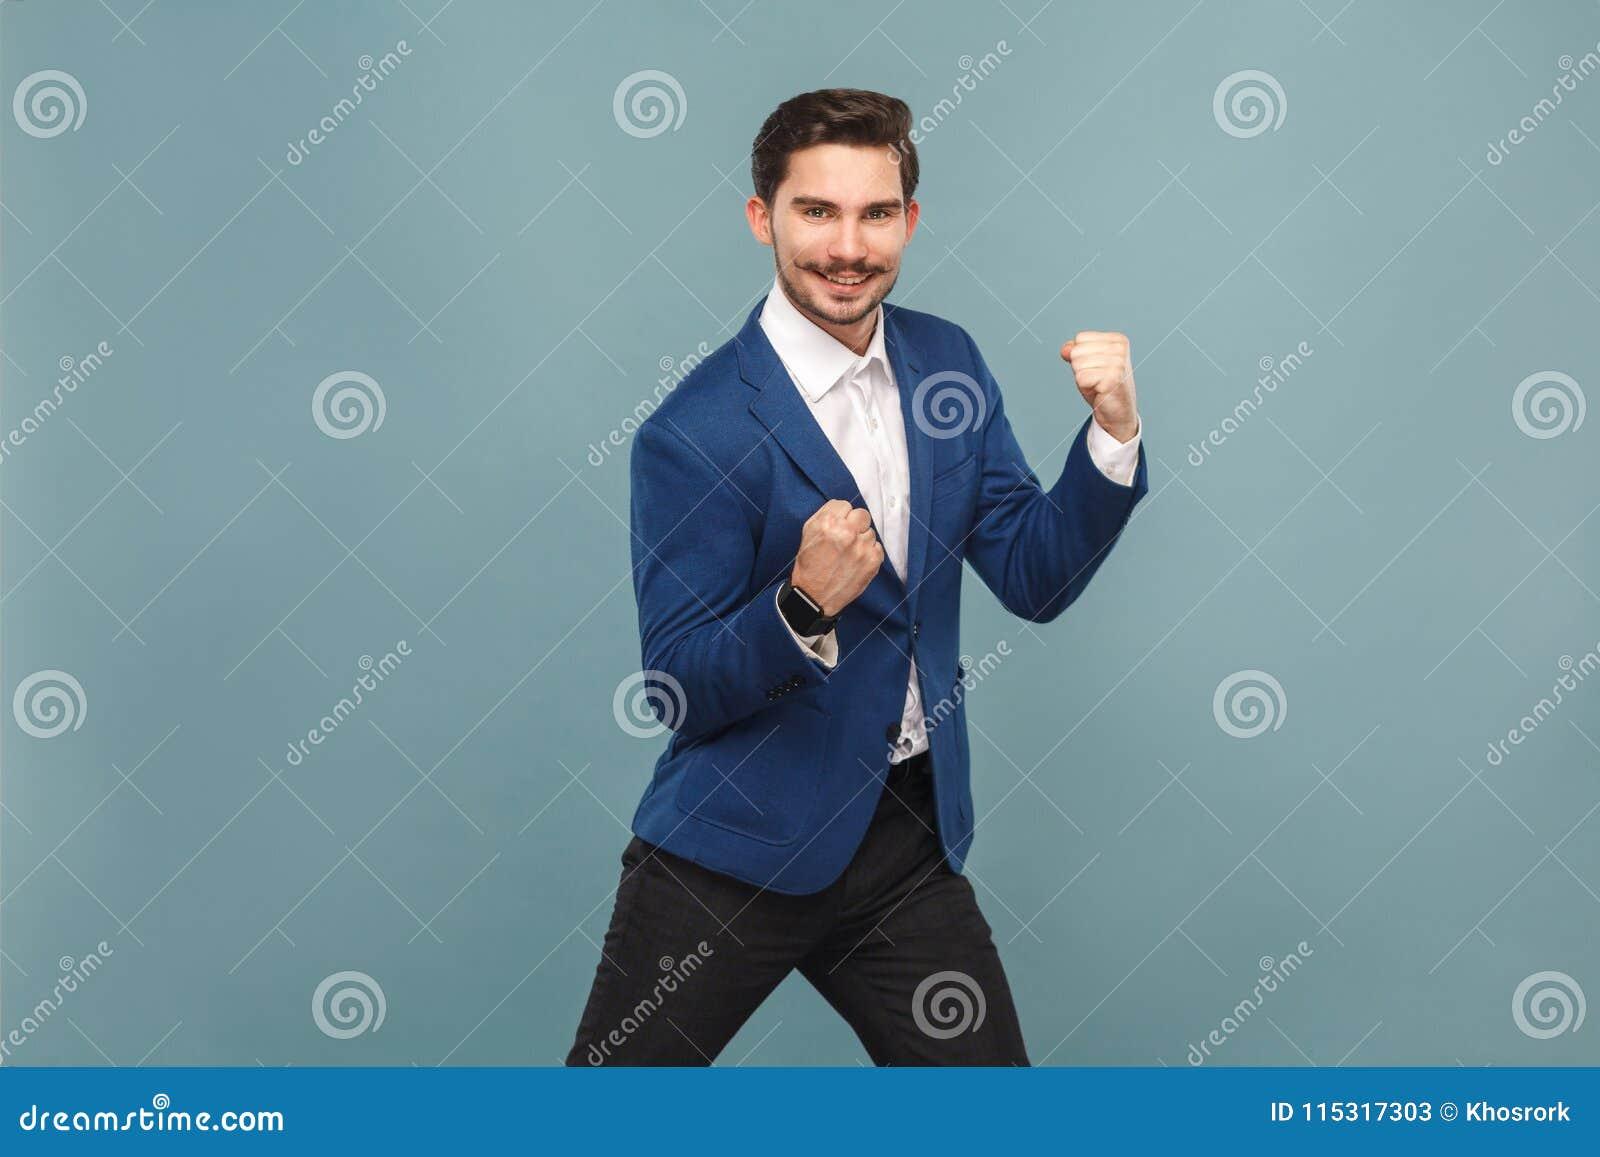 ¡Sí! ¡Gano! Júbilo del hombre de negocios de Siccessful y sonrisa dentuda